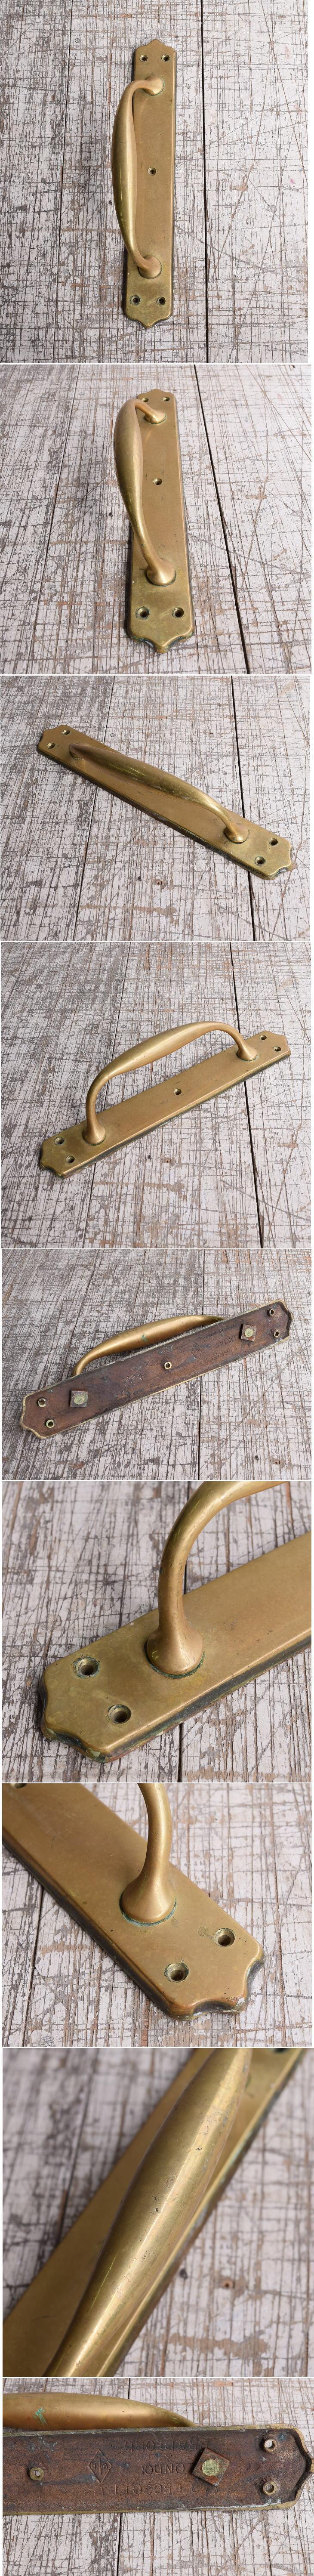 イギリス アンティーク 真鍮 ドアハンドル 建具金物 取っ手 10202